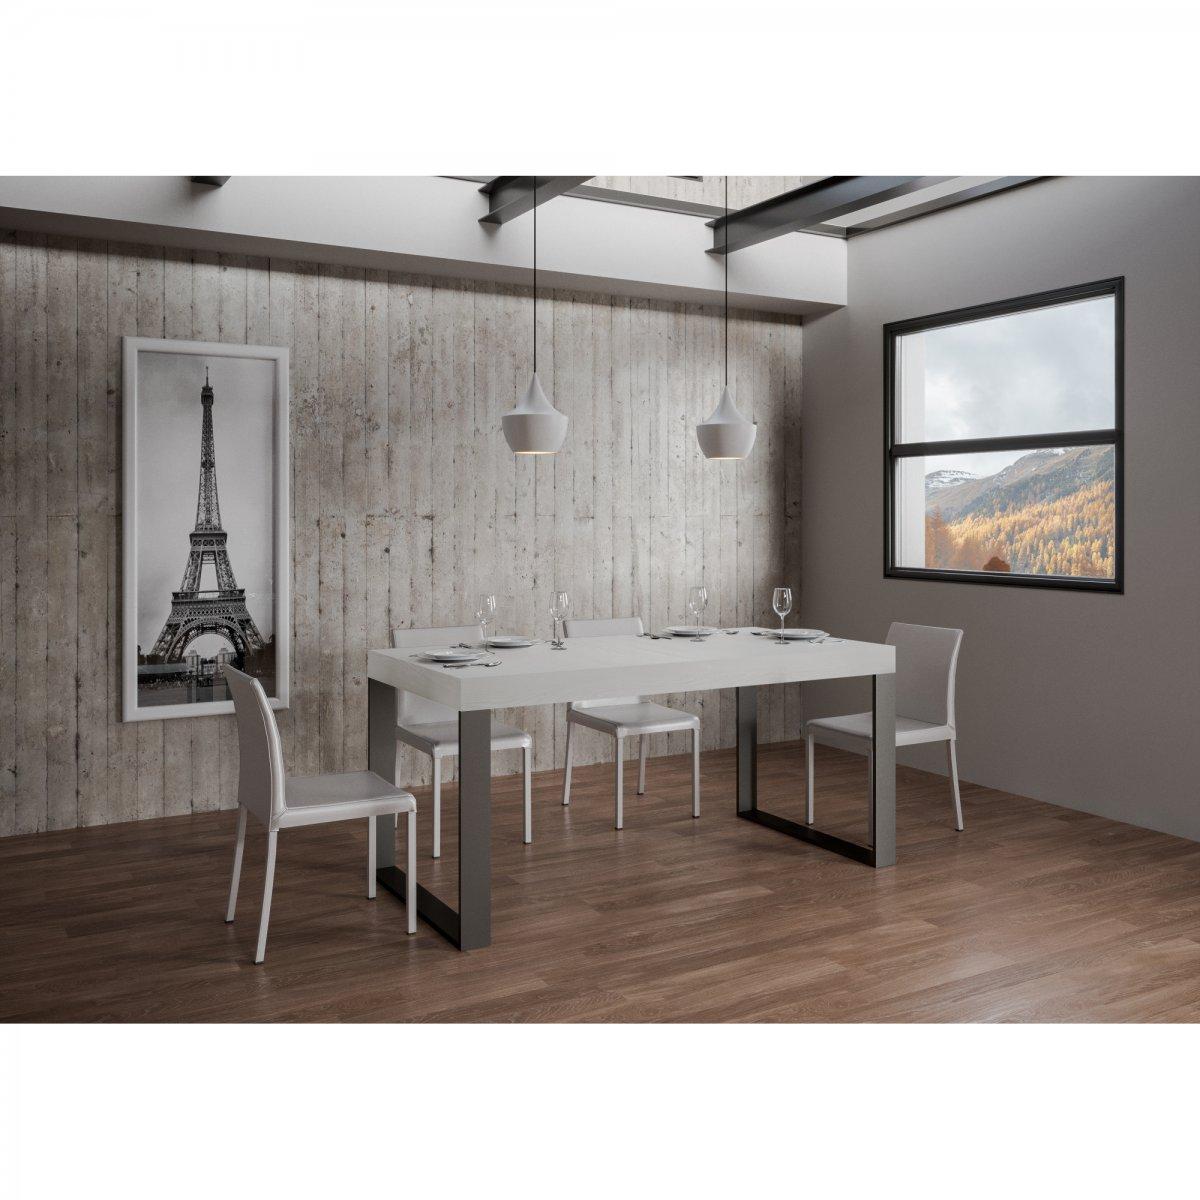 Itamoby: Tavolo Tecno FIX rettangolare legno bianco ...